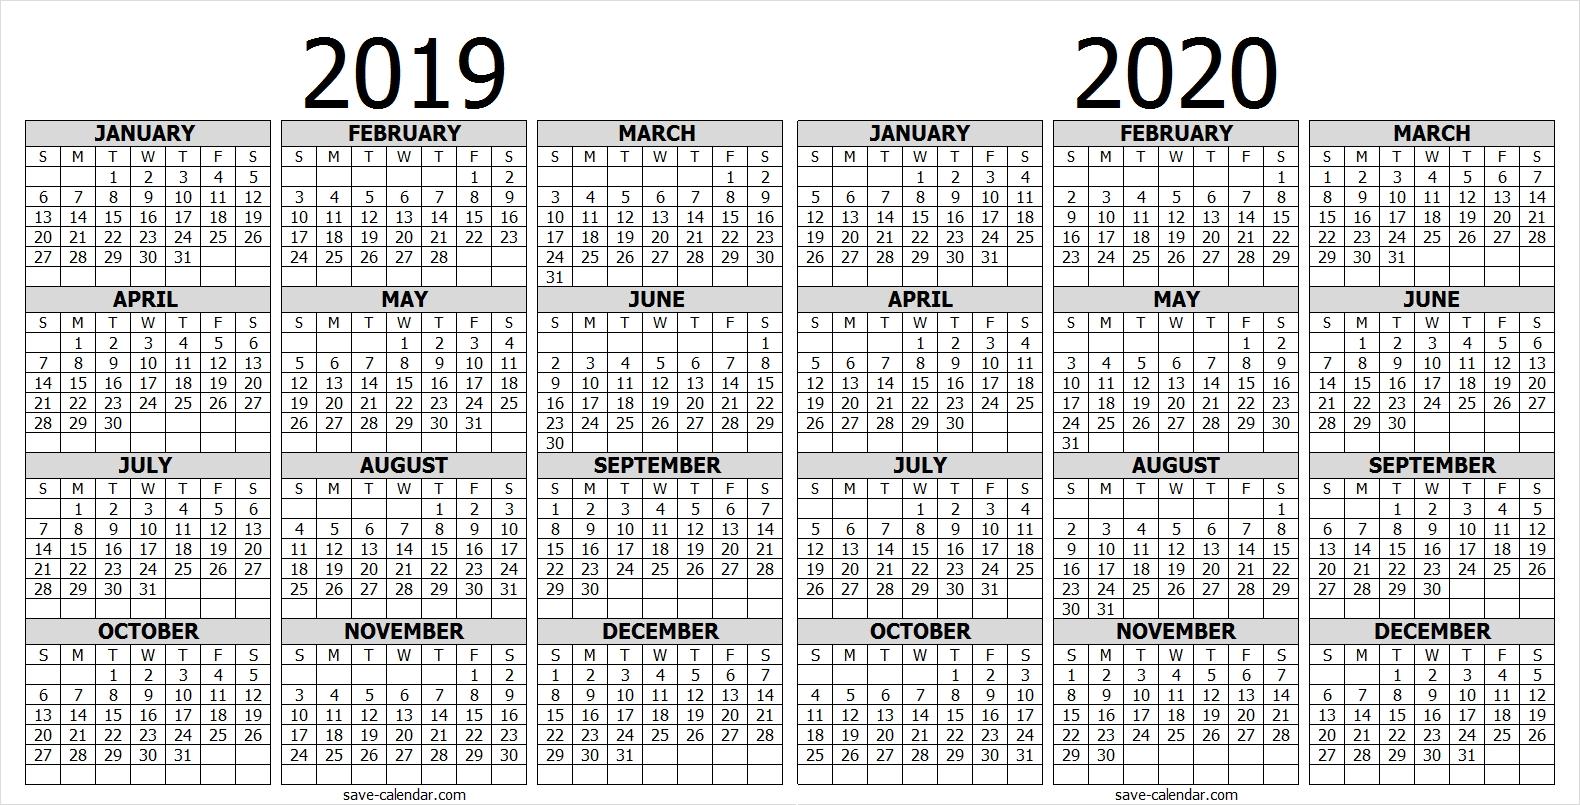 Calendar 2019 2020 One Page | 2019 Calendar | Free Calendar-Free Printable Attendance Calendars 2020 Templates